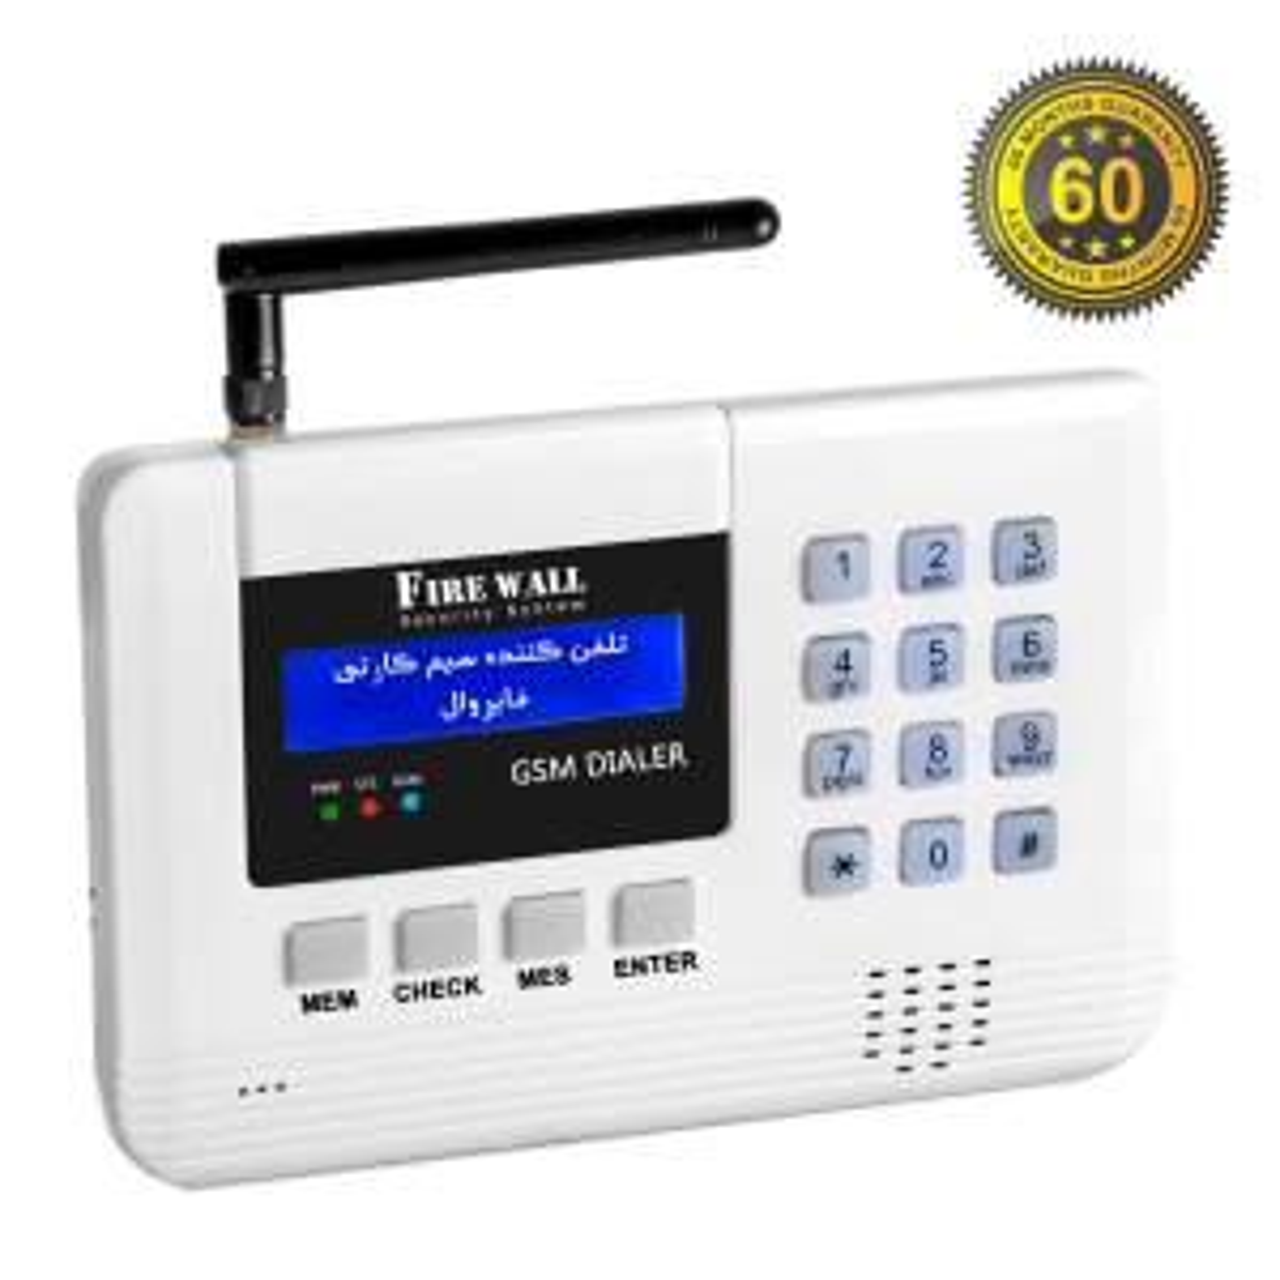 تلفن کننده سیم کارتی فایروال مدل G6